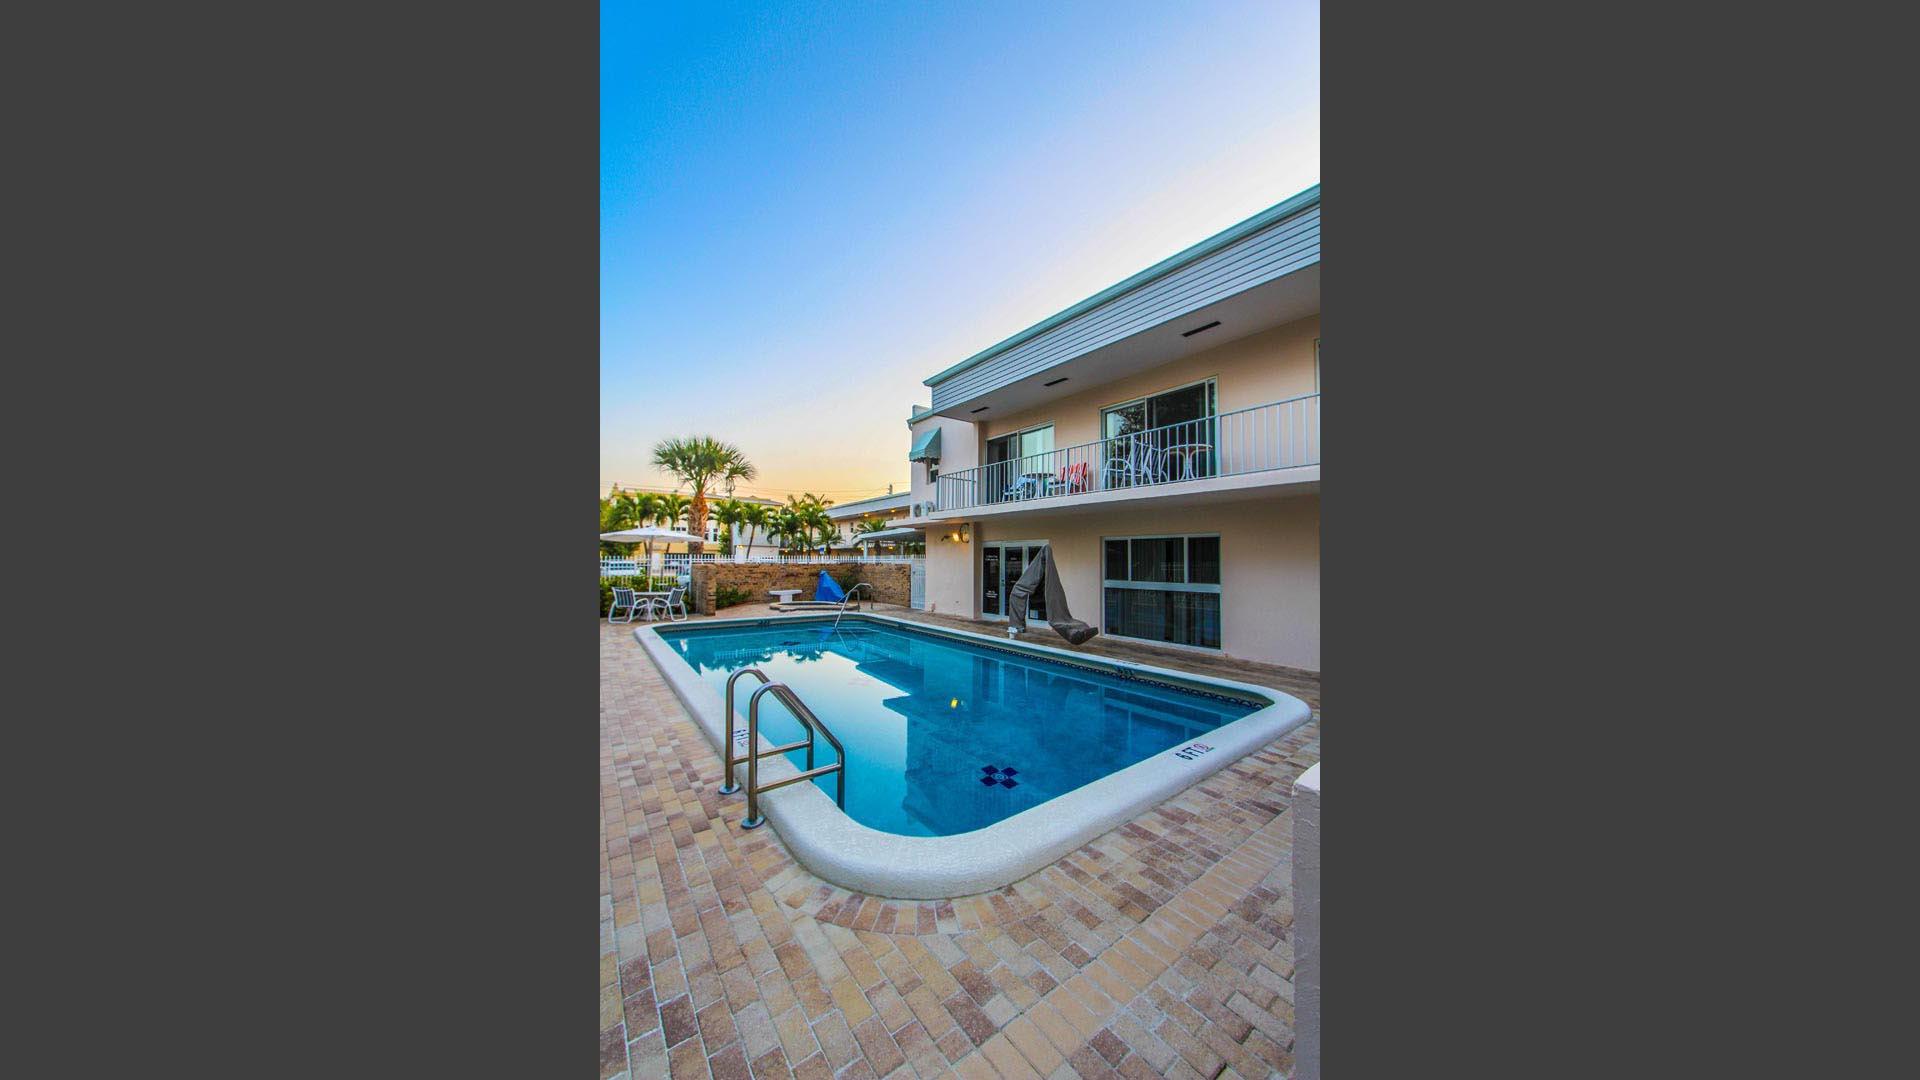 La Boca Casa Pool